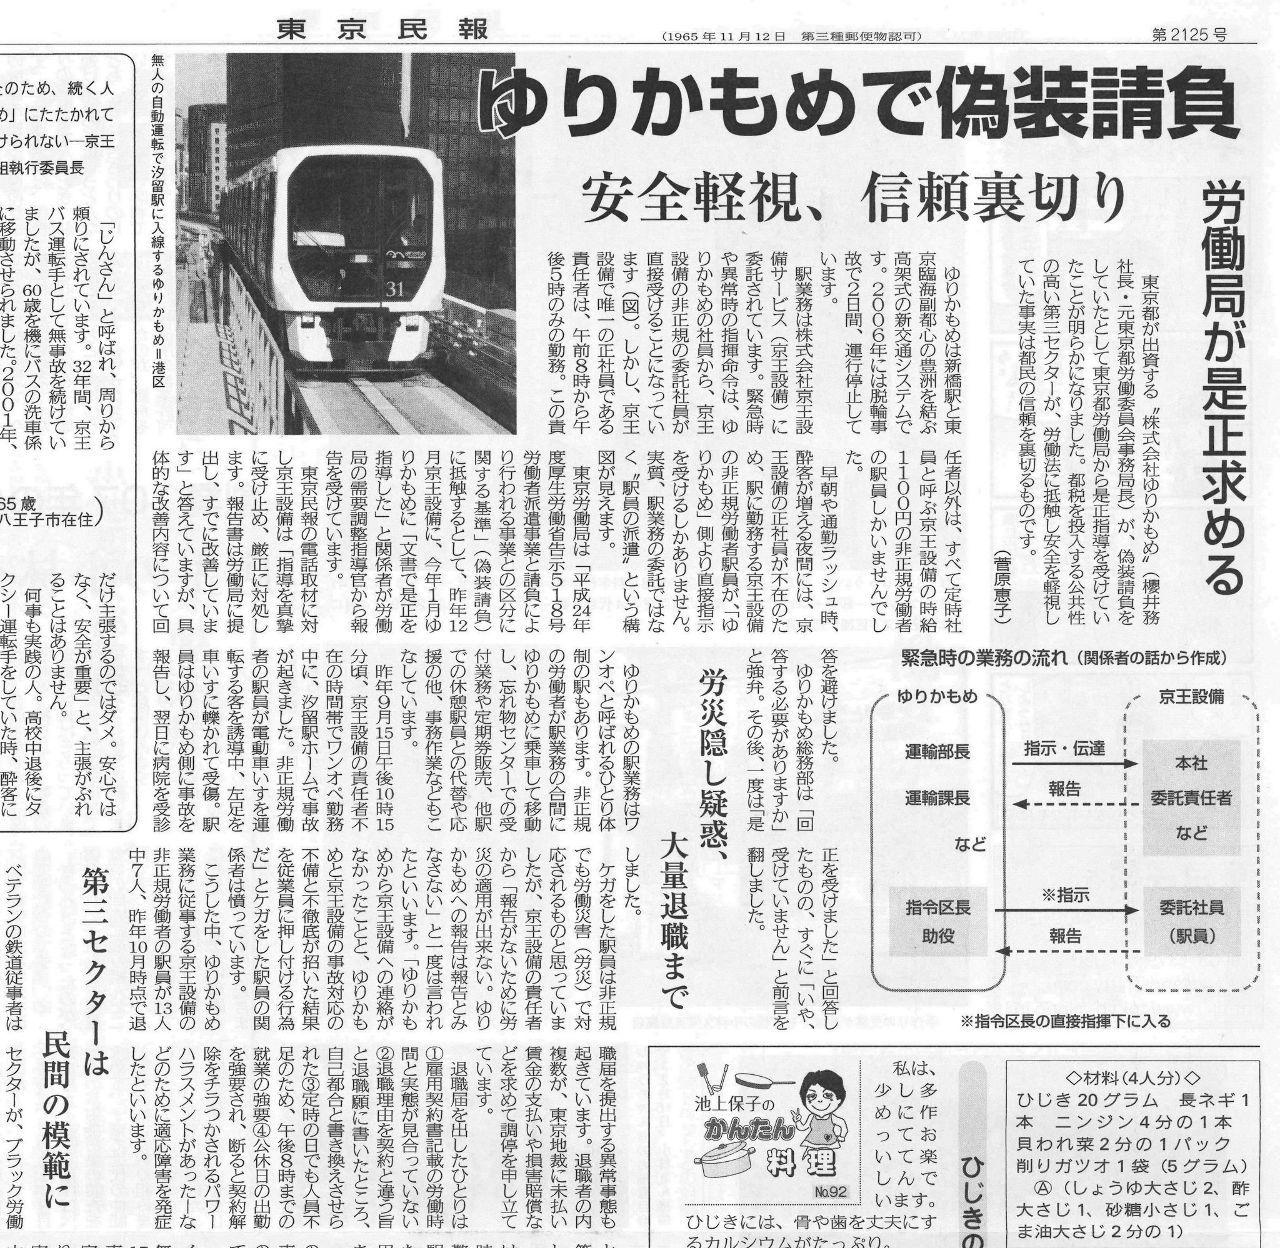 9008 - 京王電鉄(株) 子会社は騒がれてます・・・